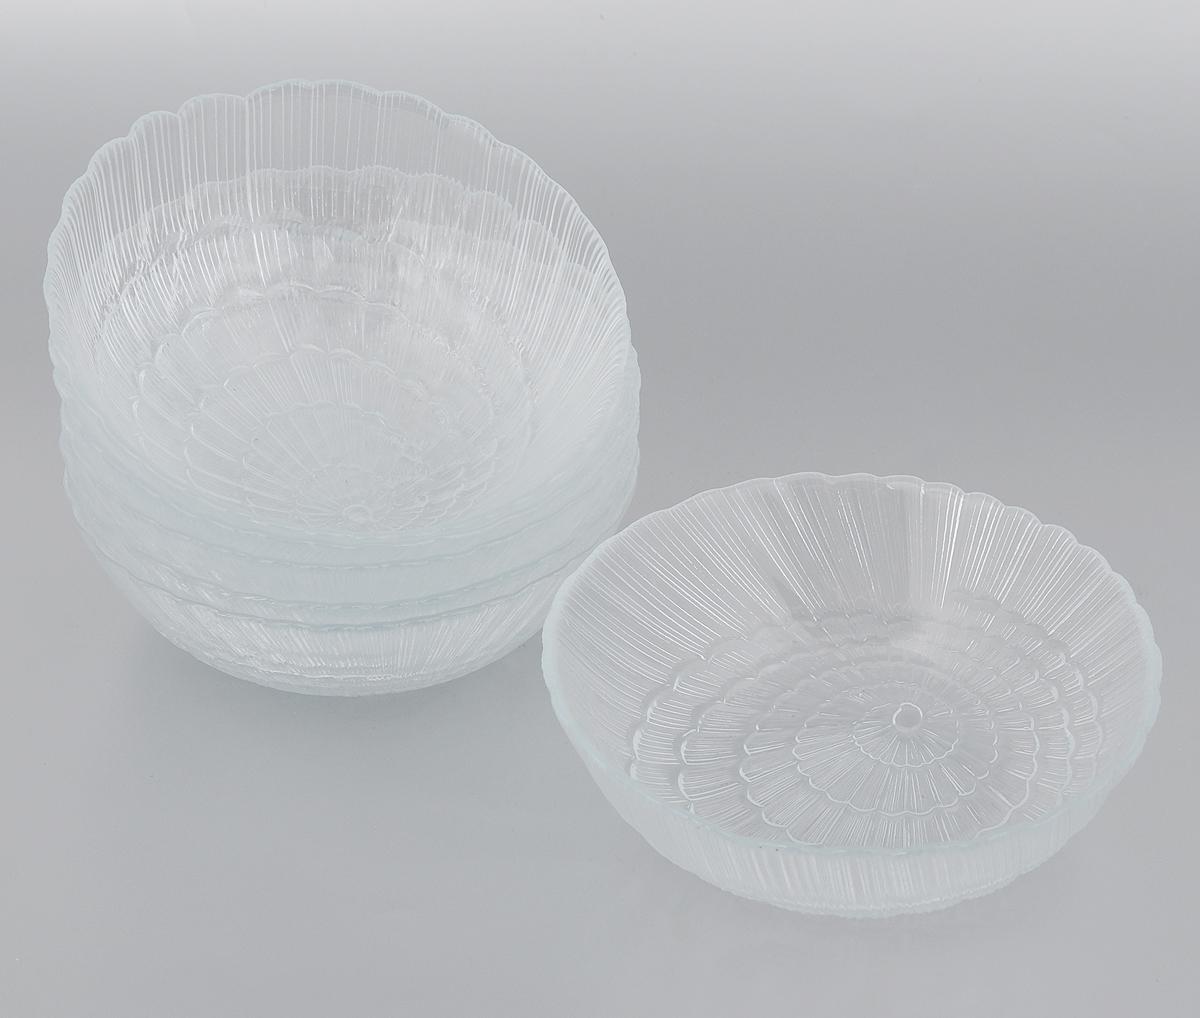 Набор салатников Pasabahce Atlantis, диаметр 15,5 см, 6 шт10250BНабор Pasabahce Atlantis, выполненный из высококачественного натрий-кальций-силикатного стекла, состоит из шести салатников. Внешние стенки изделий декорированы в виде ракушки. Такие салатники прекрасно подойдут для сервировки стола и станут достойным оформлением для ваших любимых блюд. Изящный дизайн, высокое качество и функциональность набора Pasabahce Atlantis позволят ему стать достойным дополнением к вашему кухонному инвентарю.Можно мыть в посудомоечной машине, использовать в микроволновой печи, холодильнике и морозильной камере.Диаметр салатника: 15,5 см.